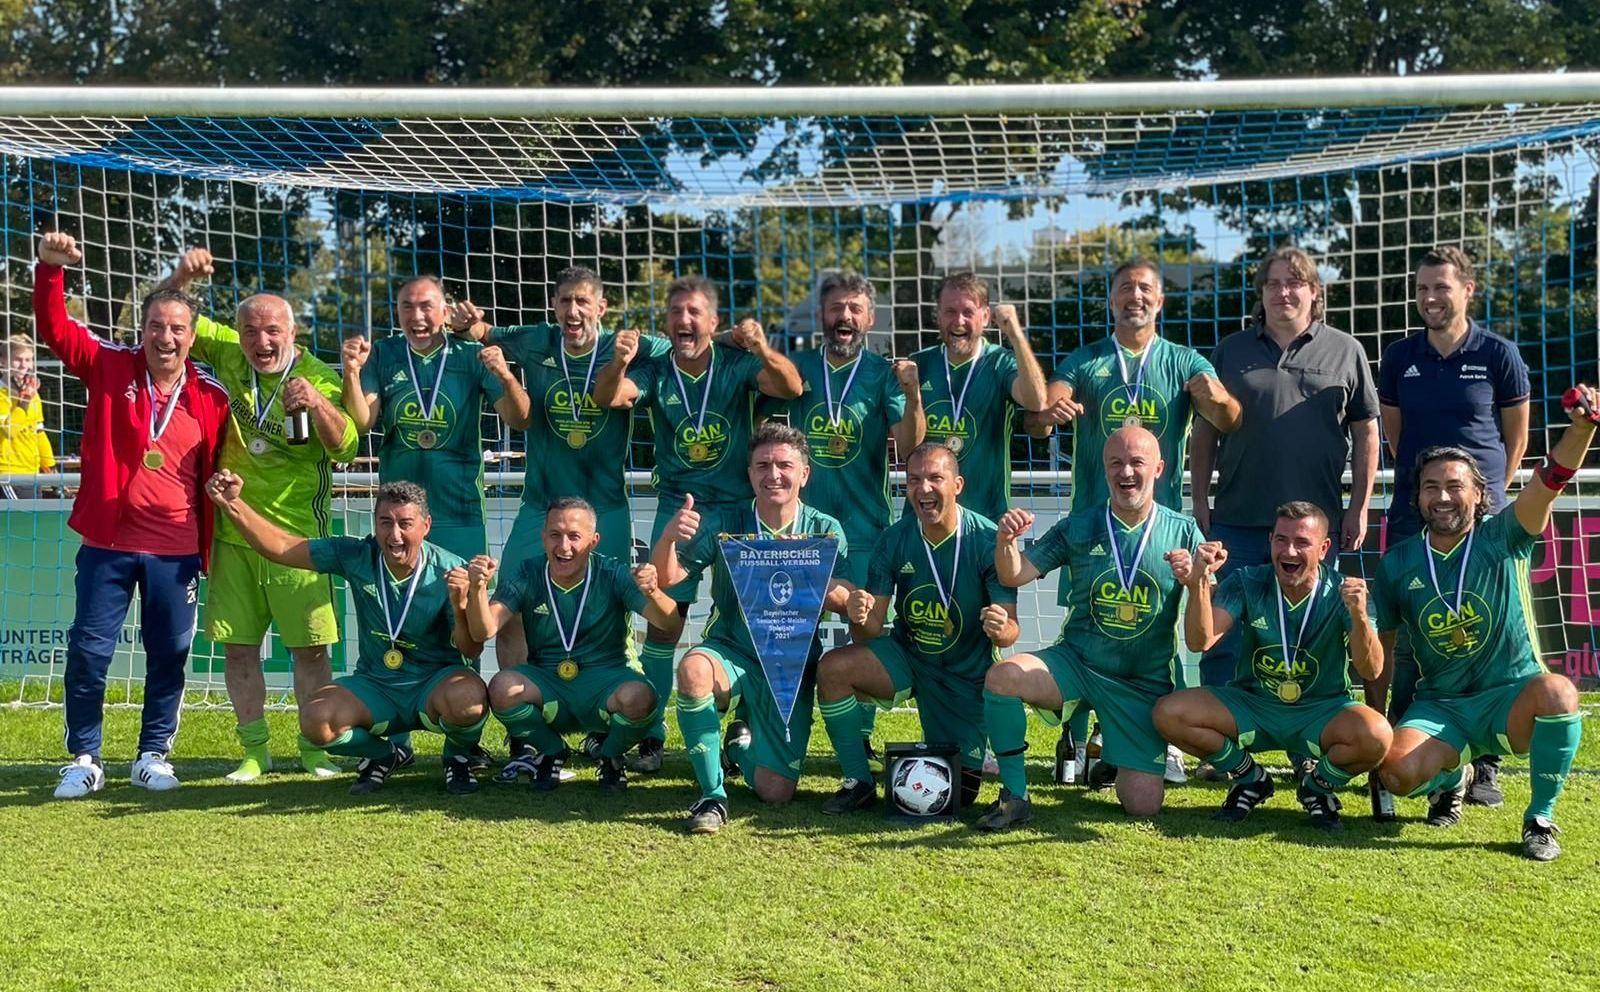 Türk Futbol Kulübü Gostenhof Veteranlar, FC.Bayern München Veteranlar takımını 2-0 yenerek şampiyon oldu.